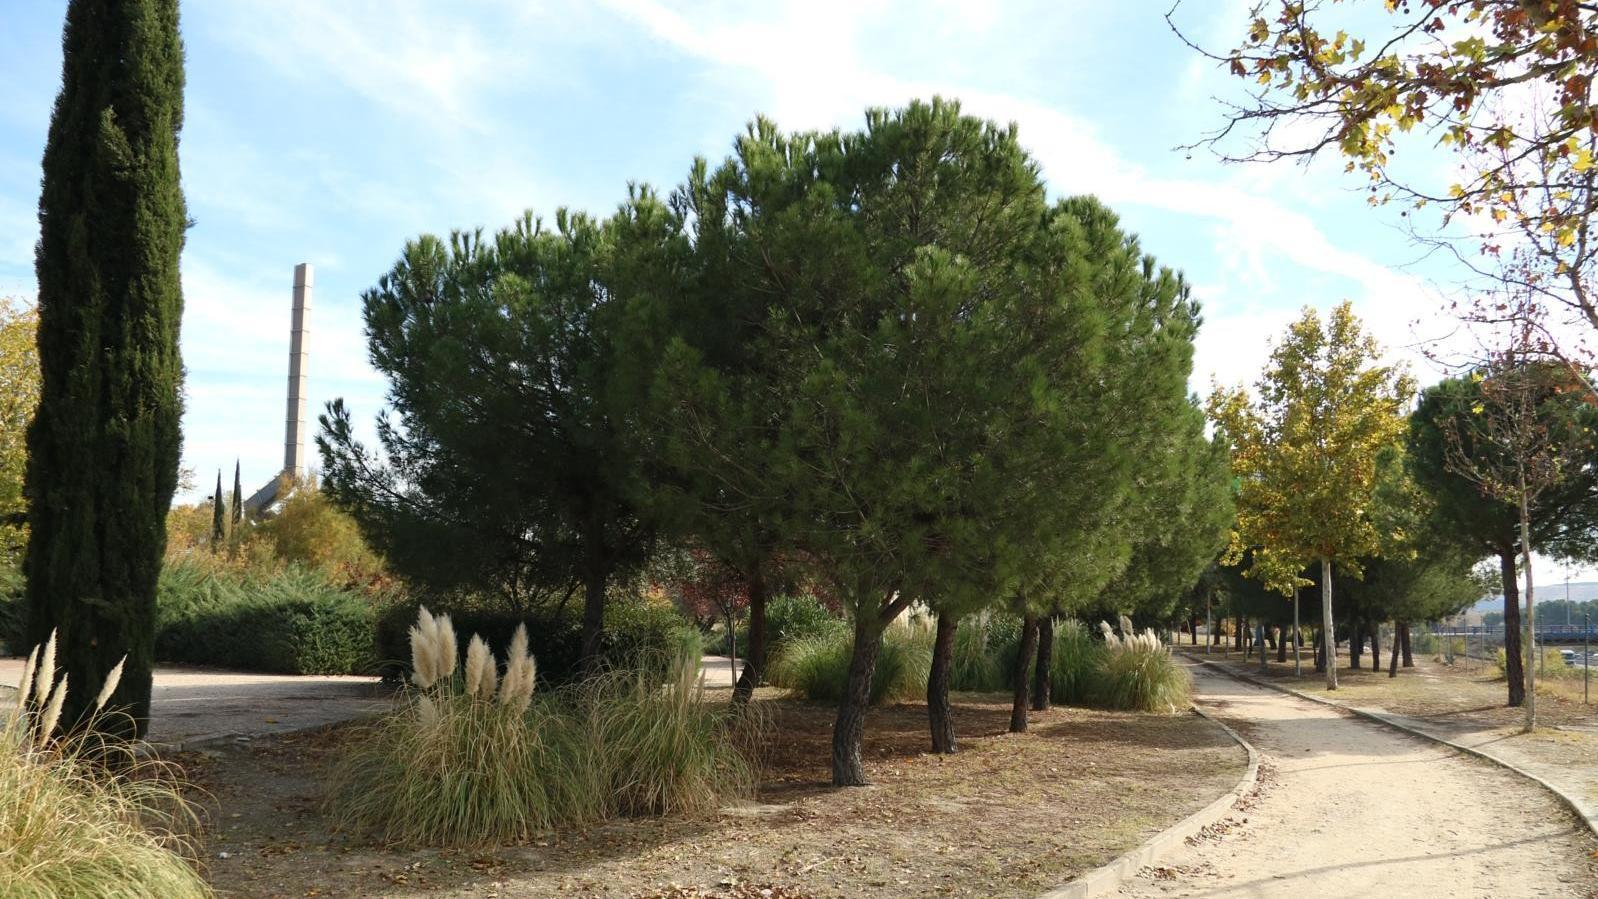 Nuevo parque de referencia en Rivas-Vaciamadrid